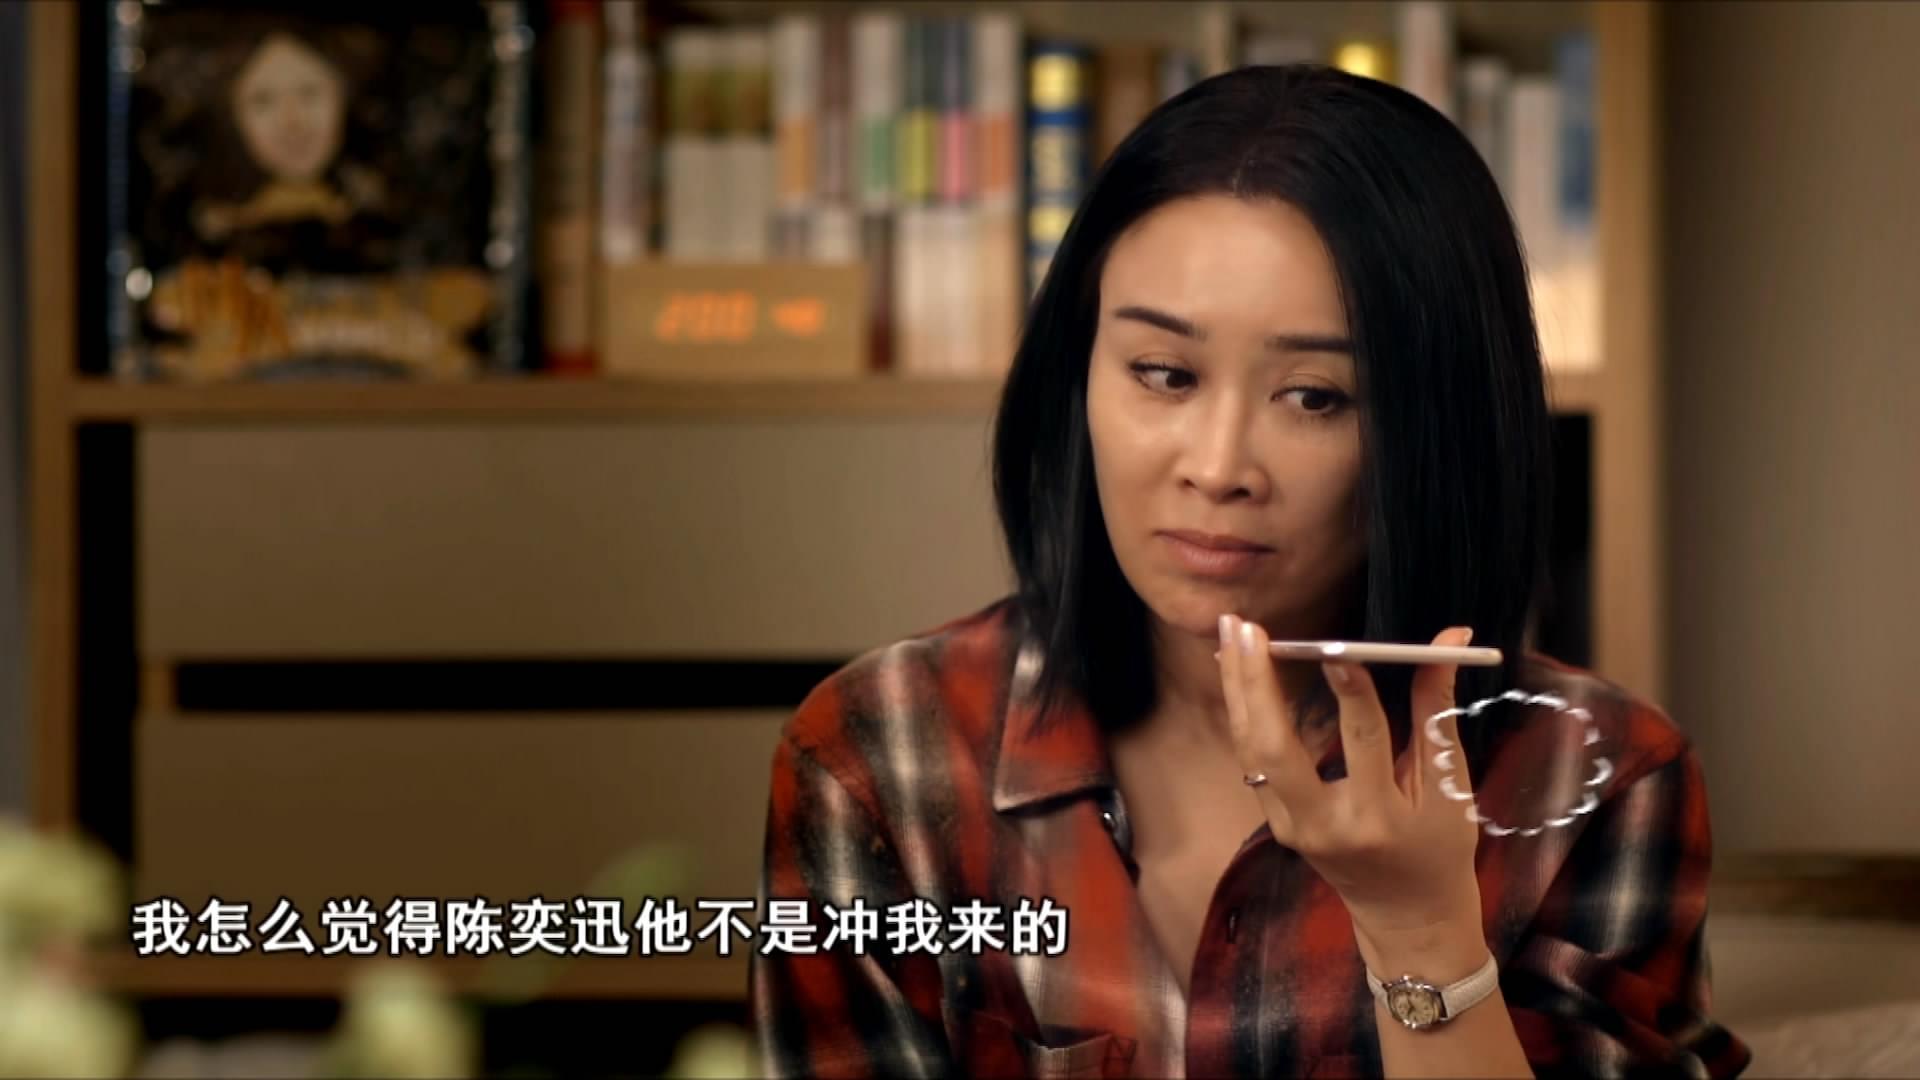 《中国新歌声》神秘导师本周五揭晓神秘面纱